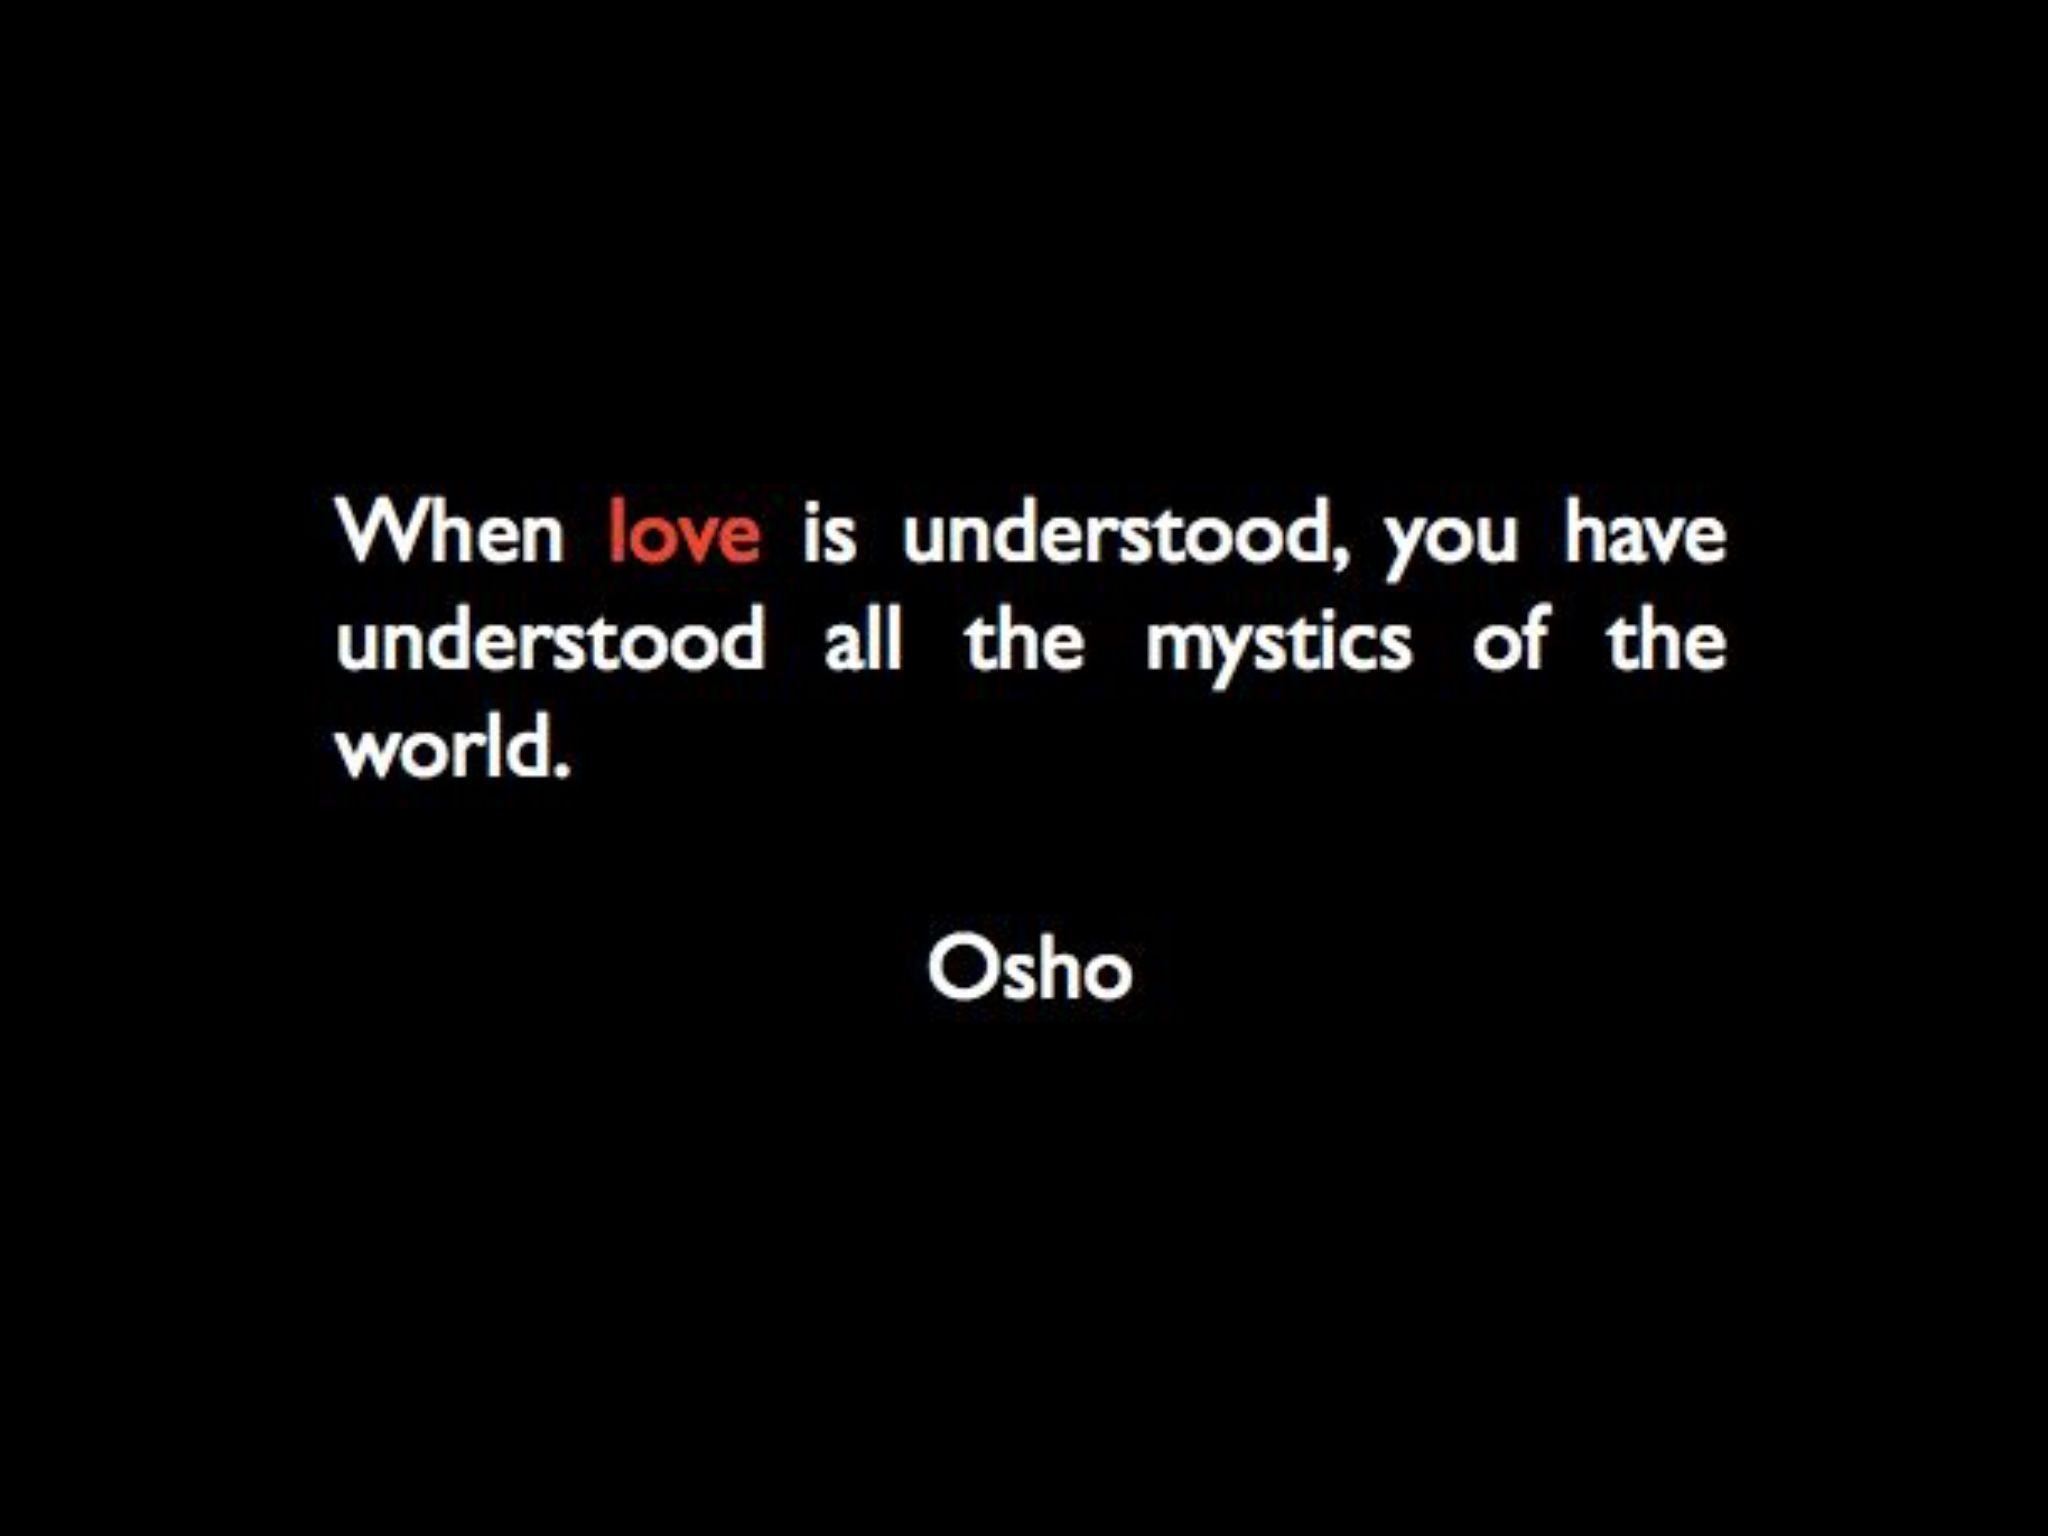 Osho. Wisdom. Love (With images) | Osho, Wisdom, Truth